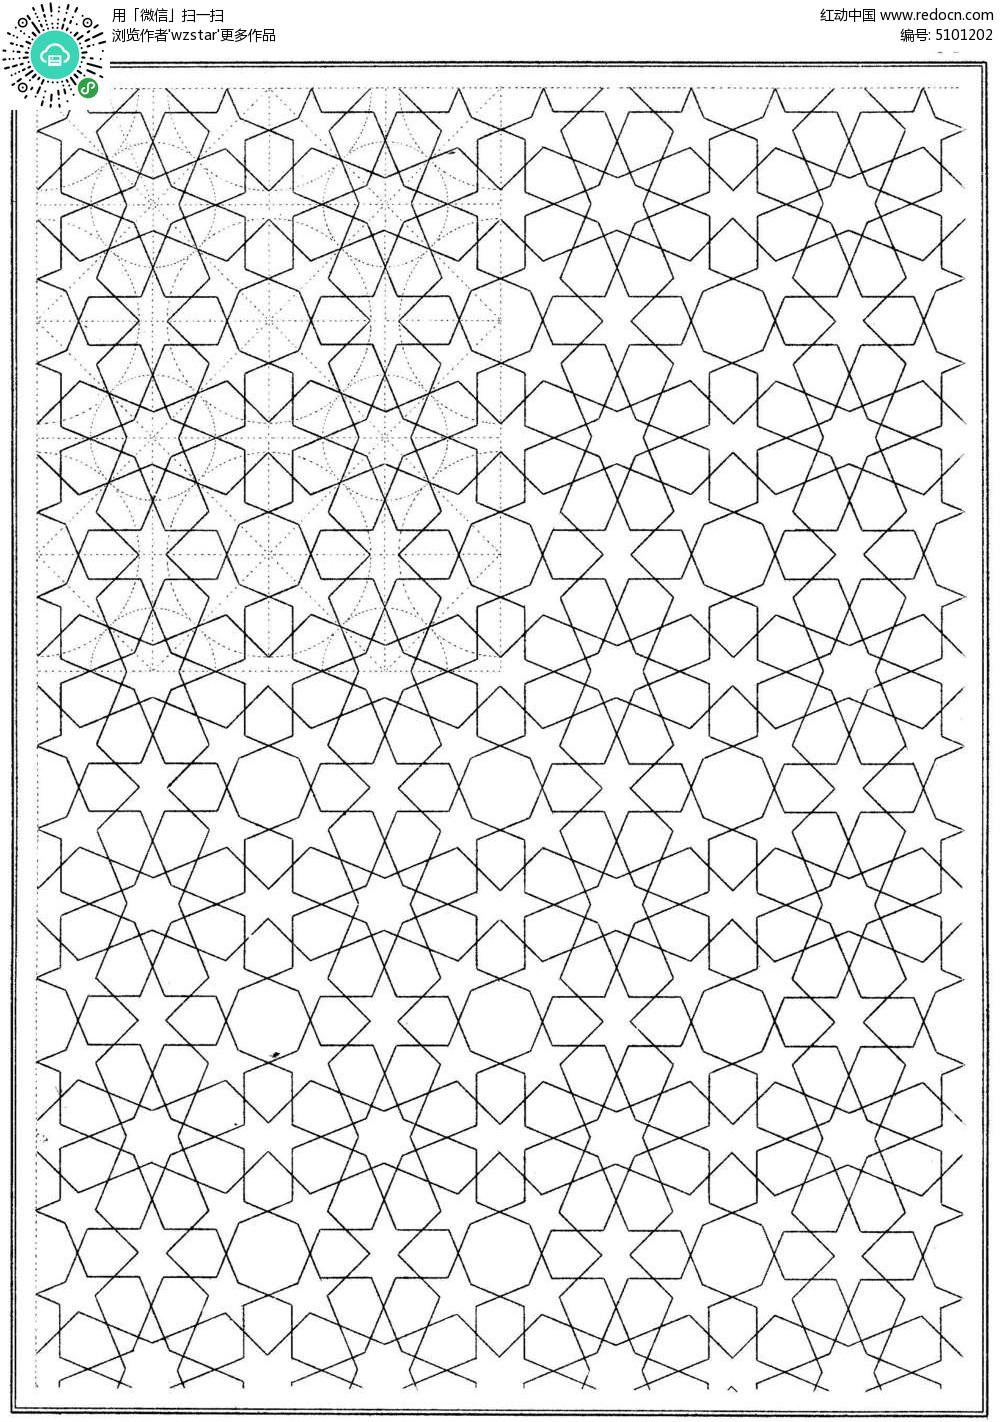 免费素材 psd素材 室内装饰 隔断|雕刻图案 十字多角形花纹  请您分享